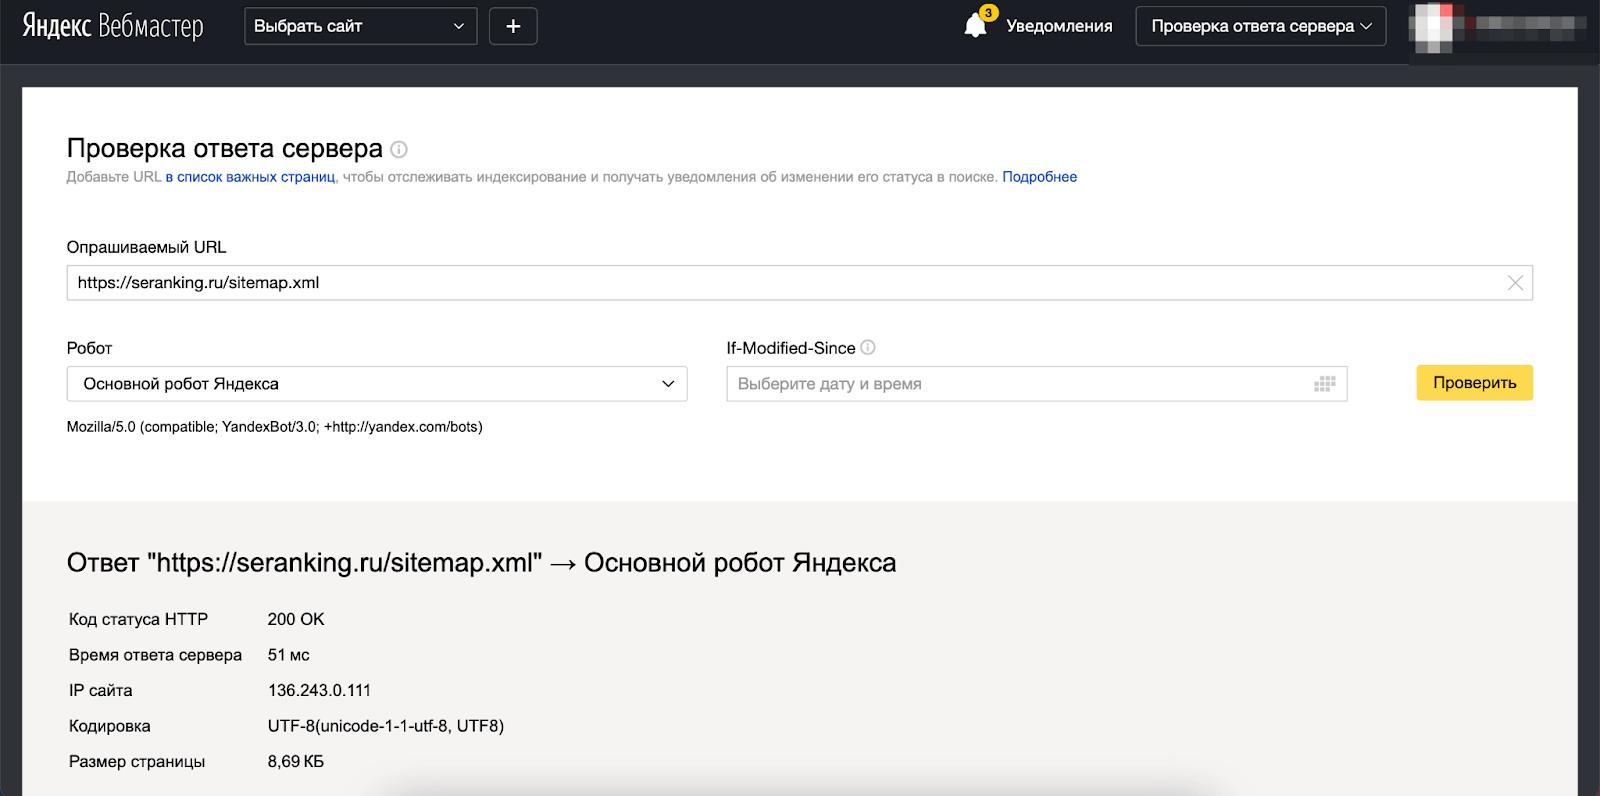 Проверка ответа сервера